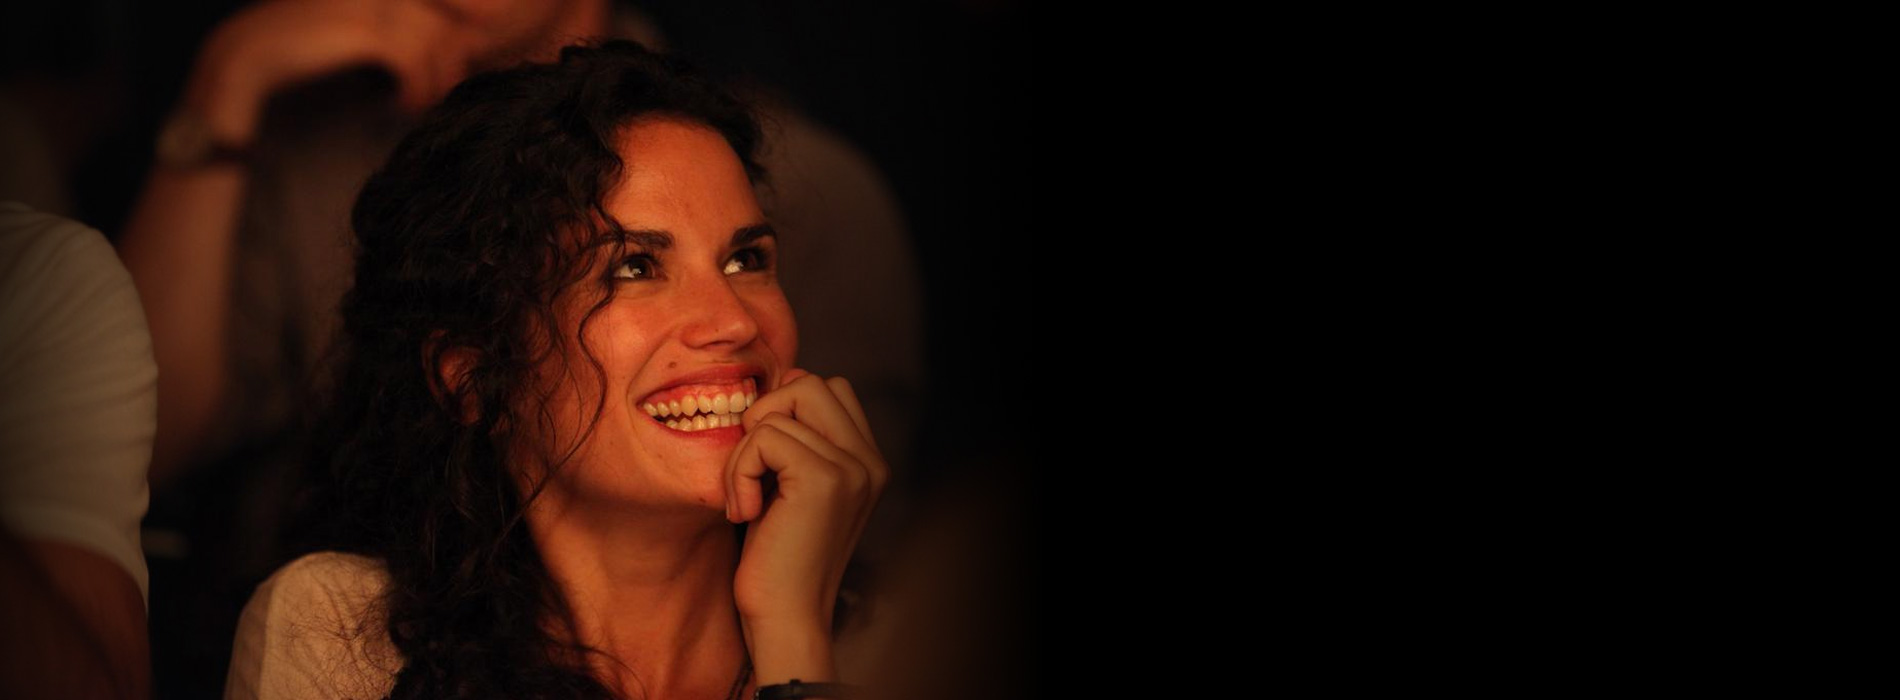 Una mujer joven de pelo rizado sonríe.